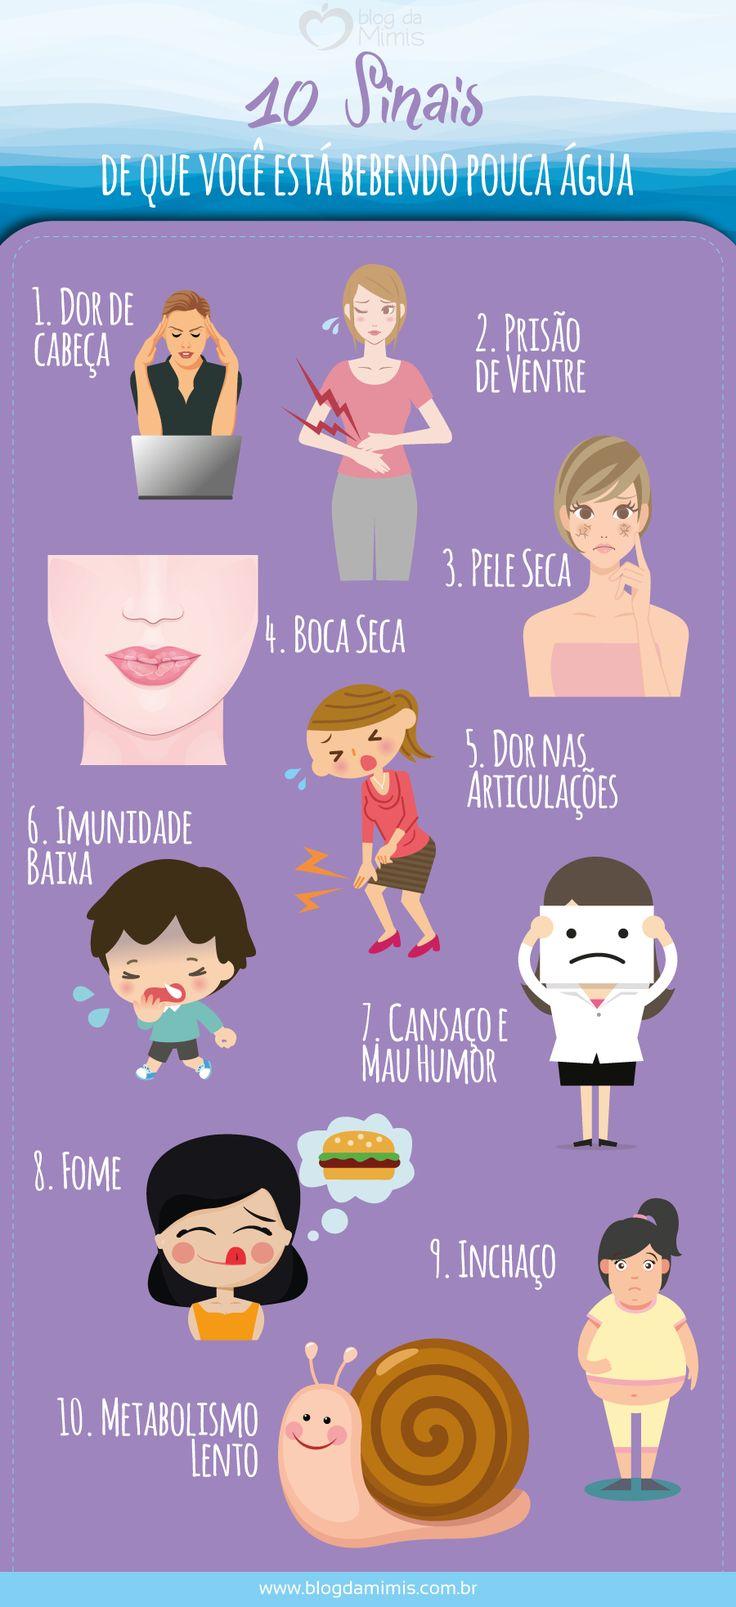 10 Sinais de que você está bebendo pouca água - Blog da Mimis #água #beba #sinais #desidratação #saúde #emagrecimento